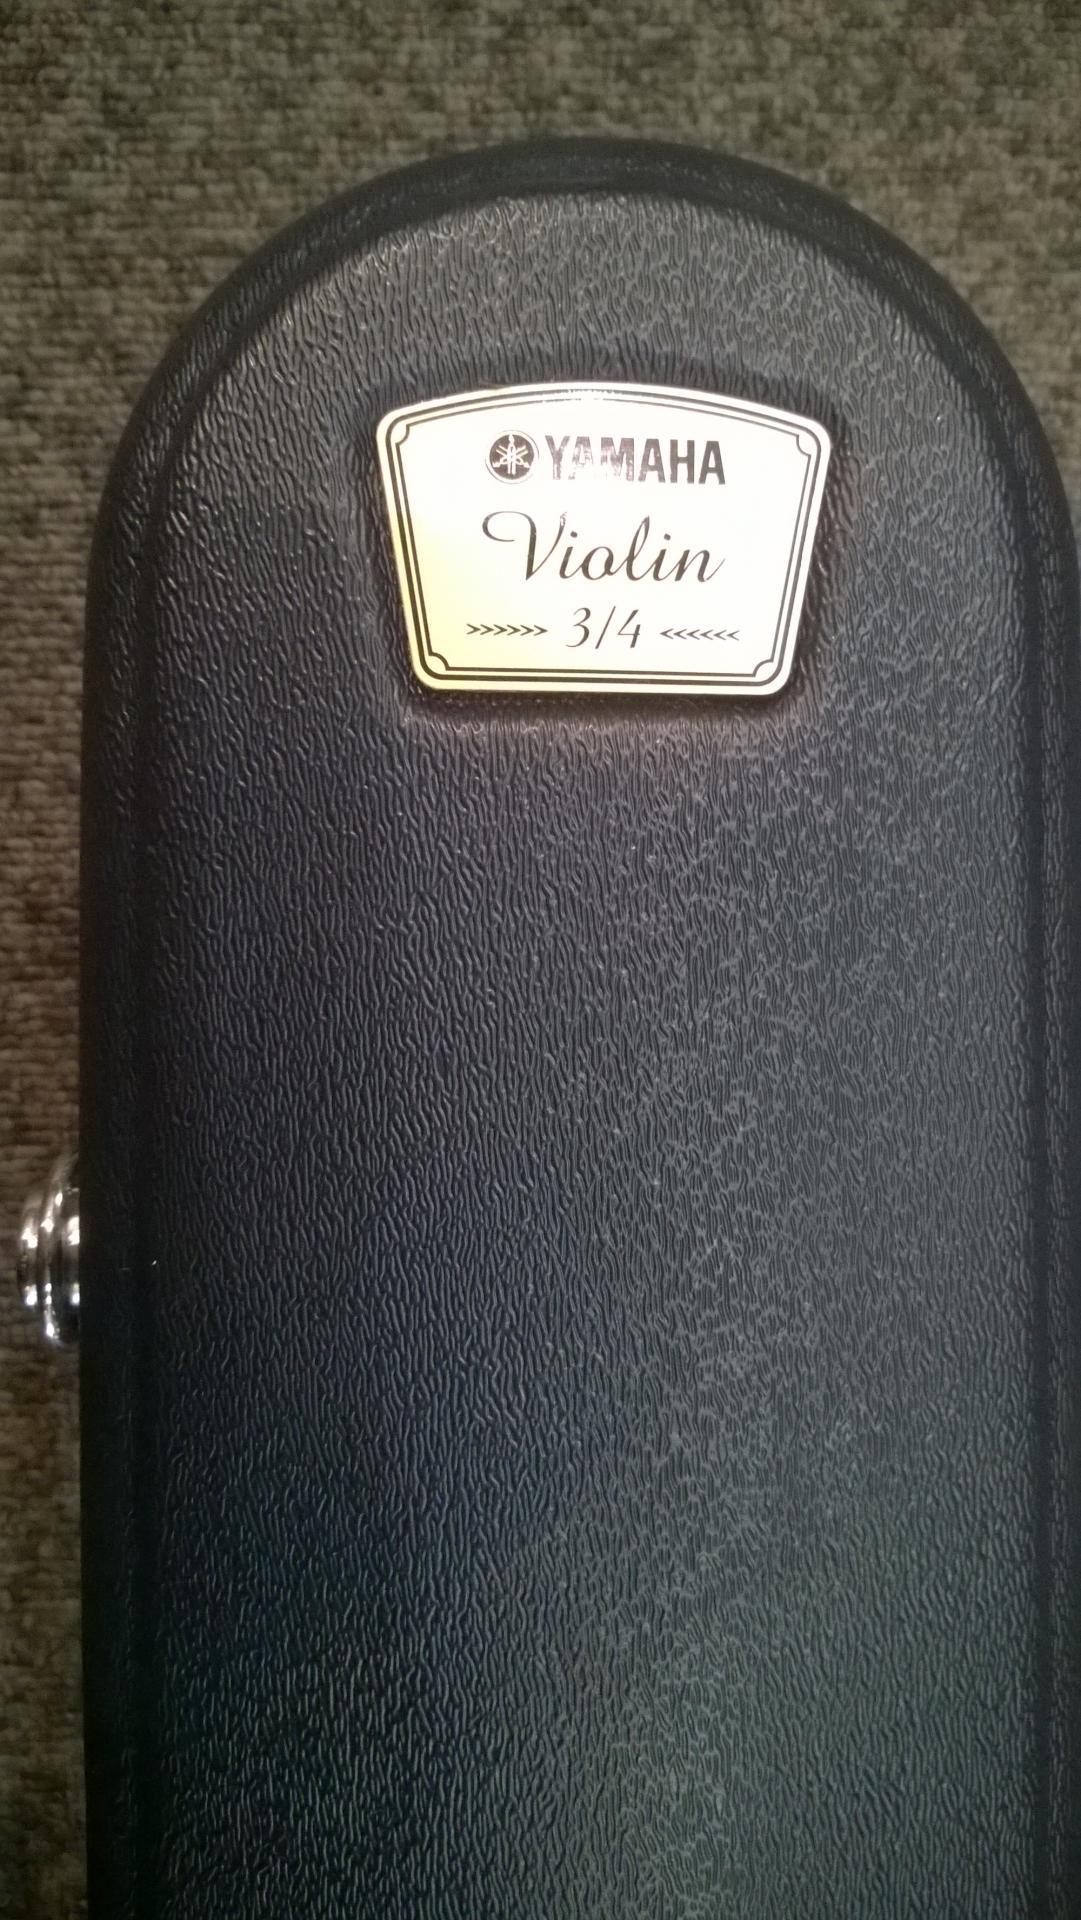 Etui 3 4 yamaha